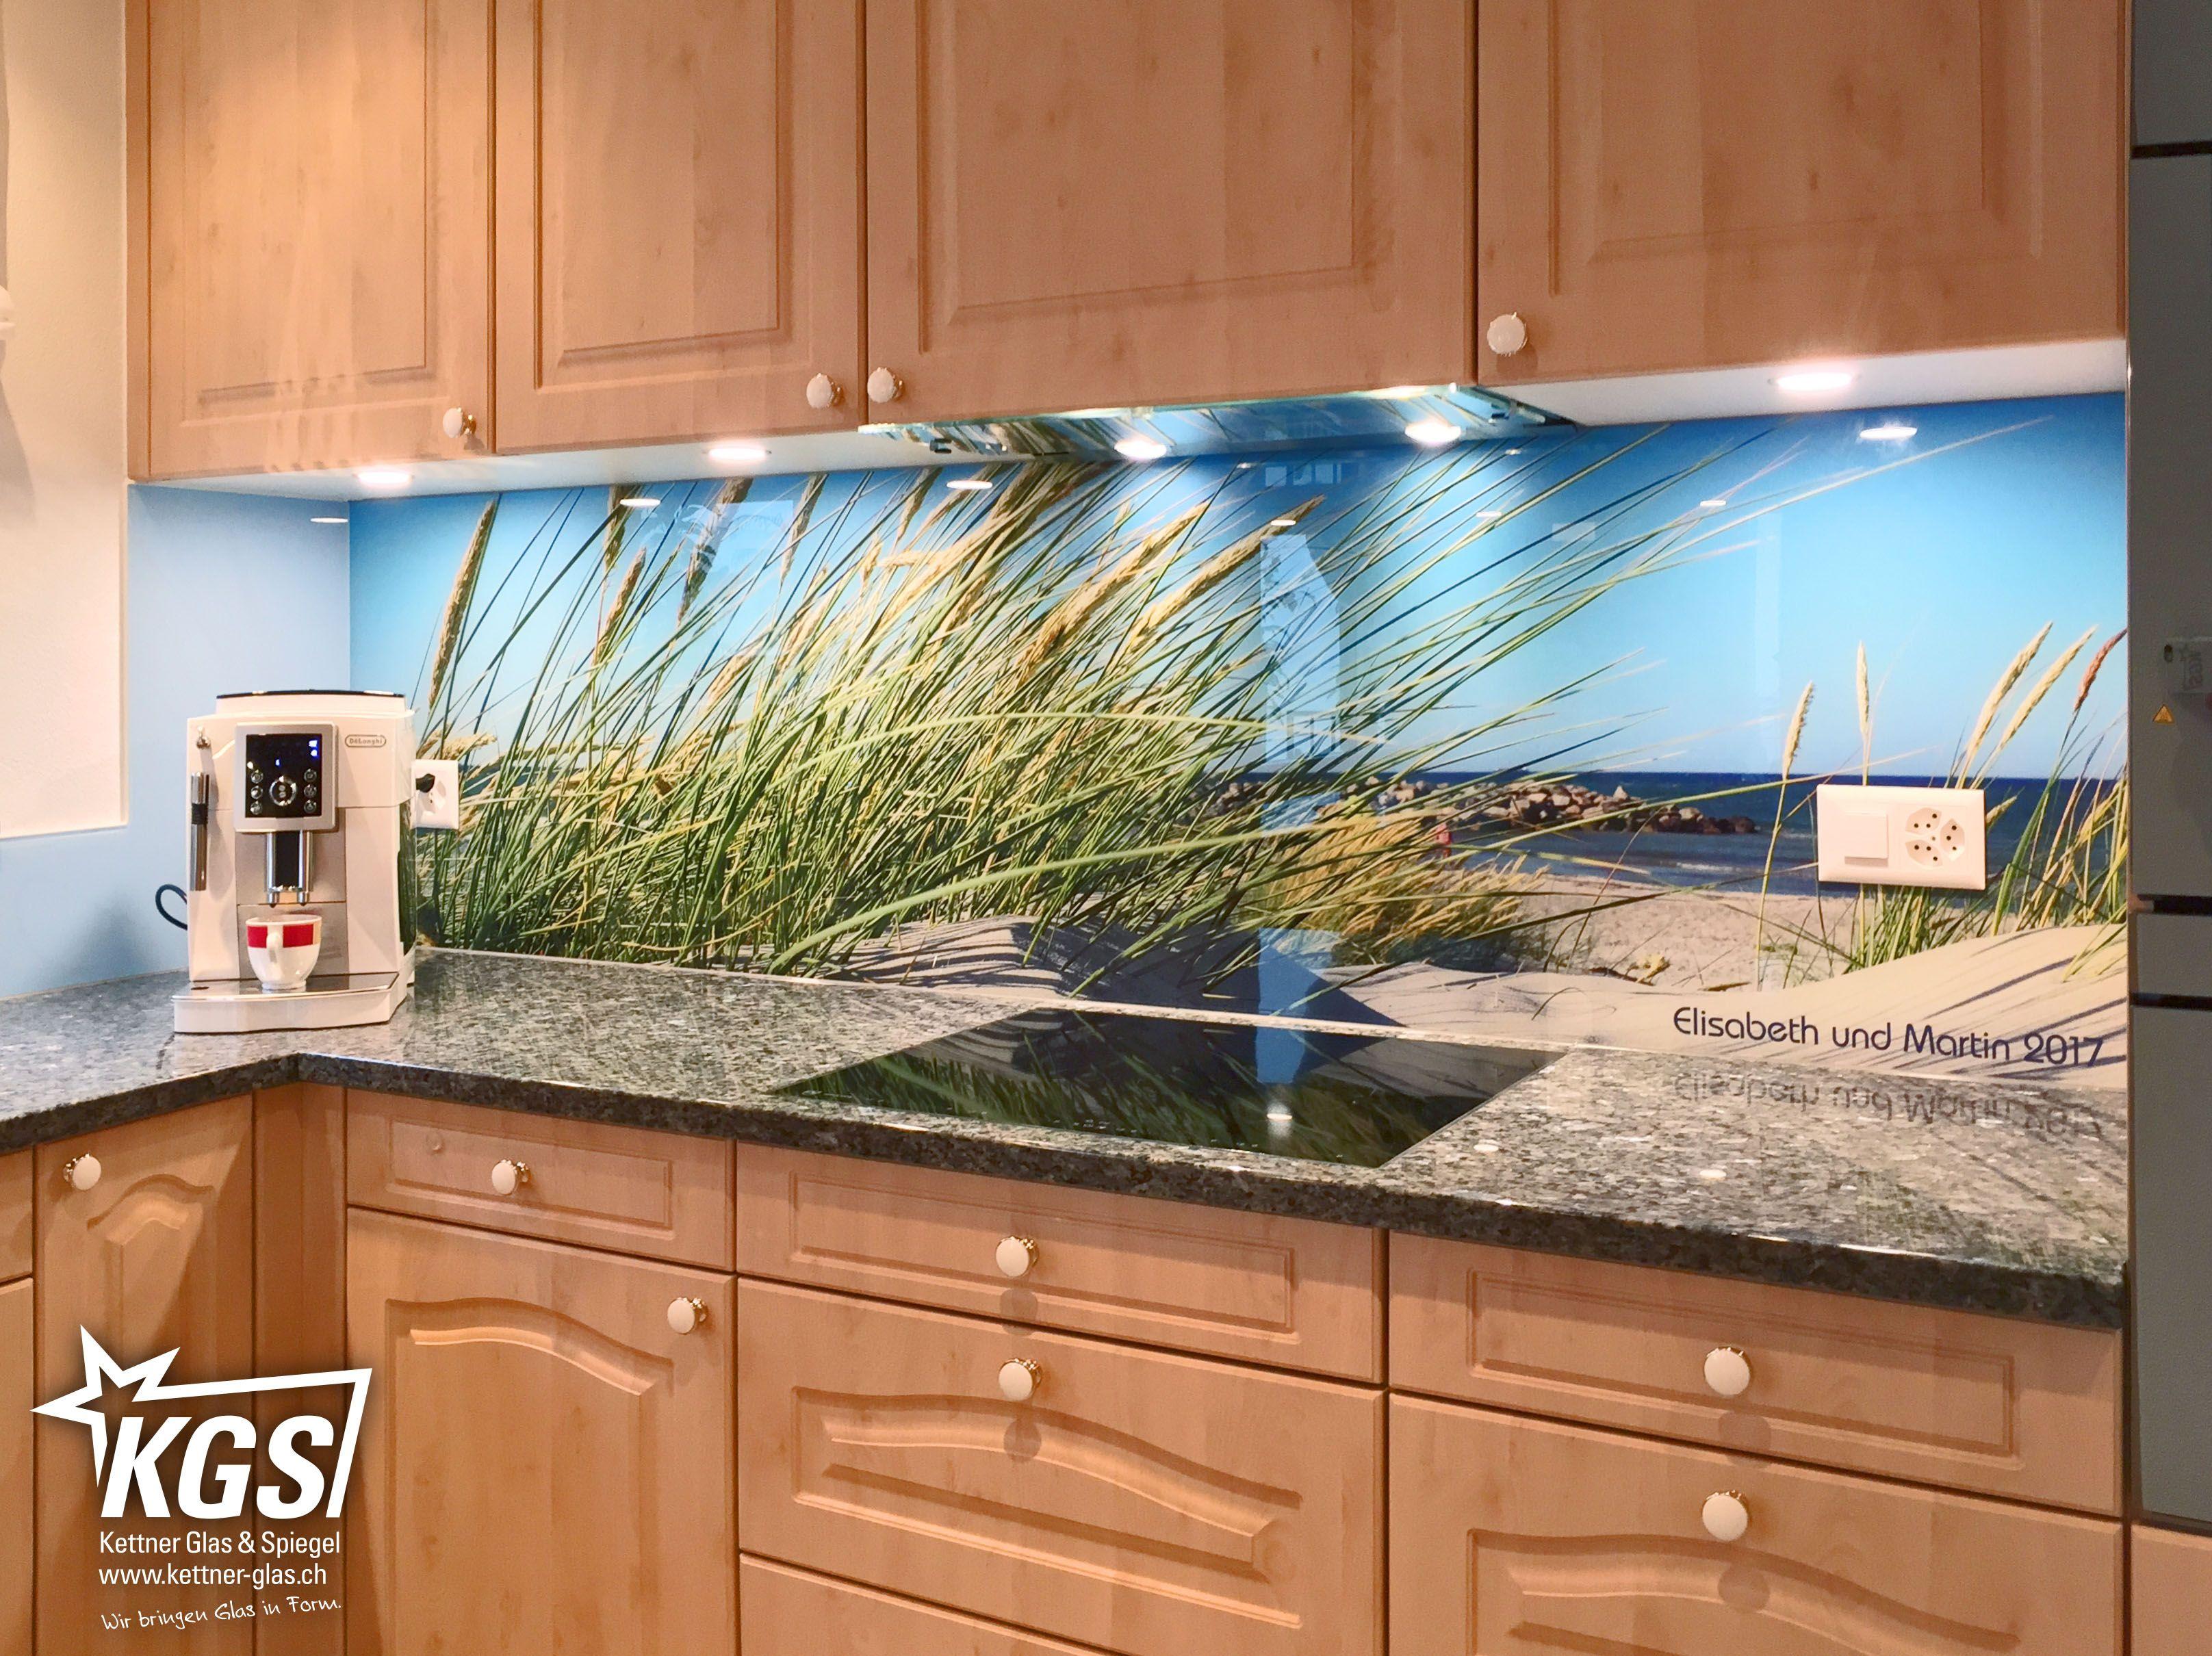 Glasküchenrückwand mit personalisiertem Nordsee-Digitaldruck auf